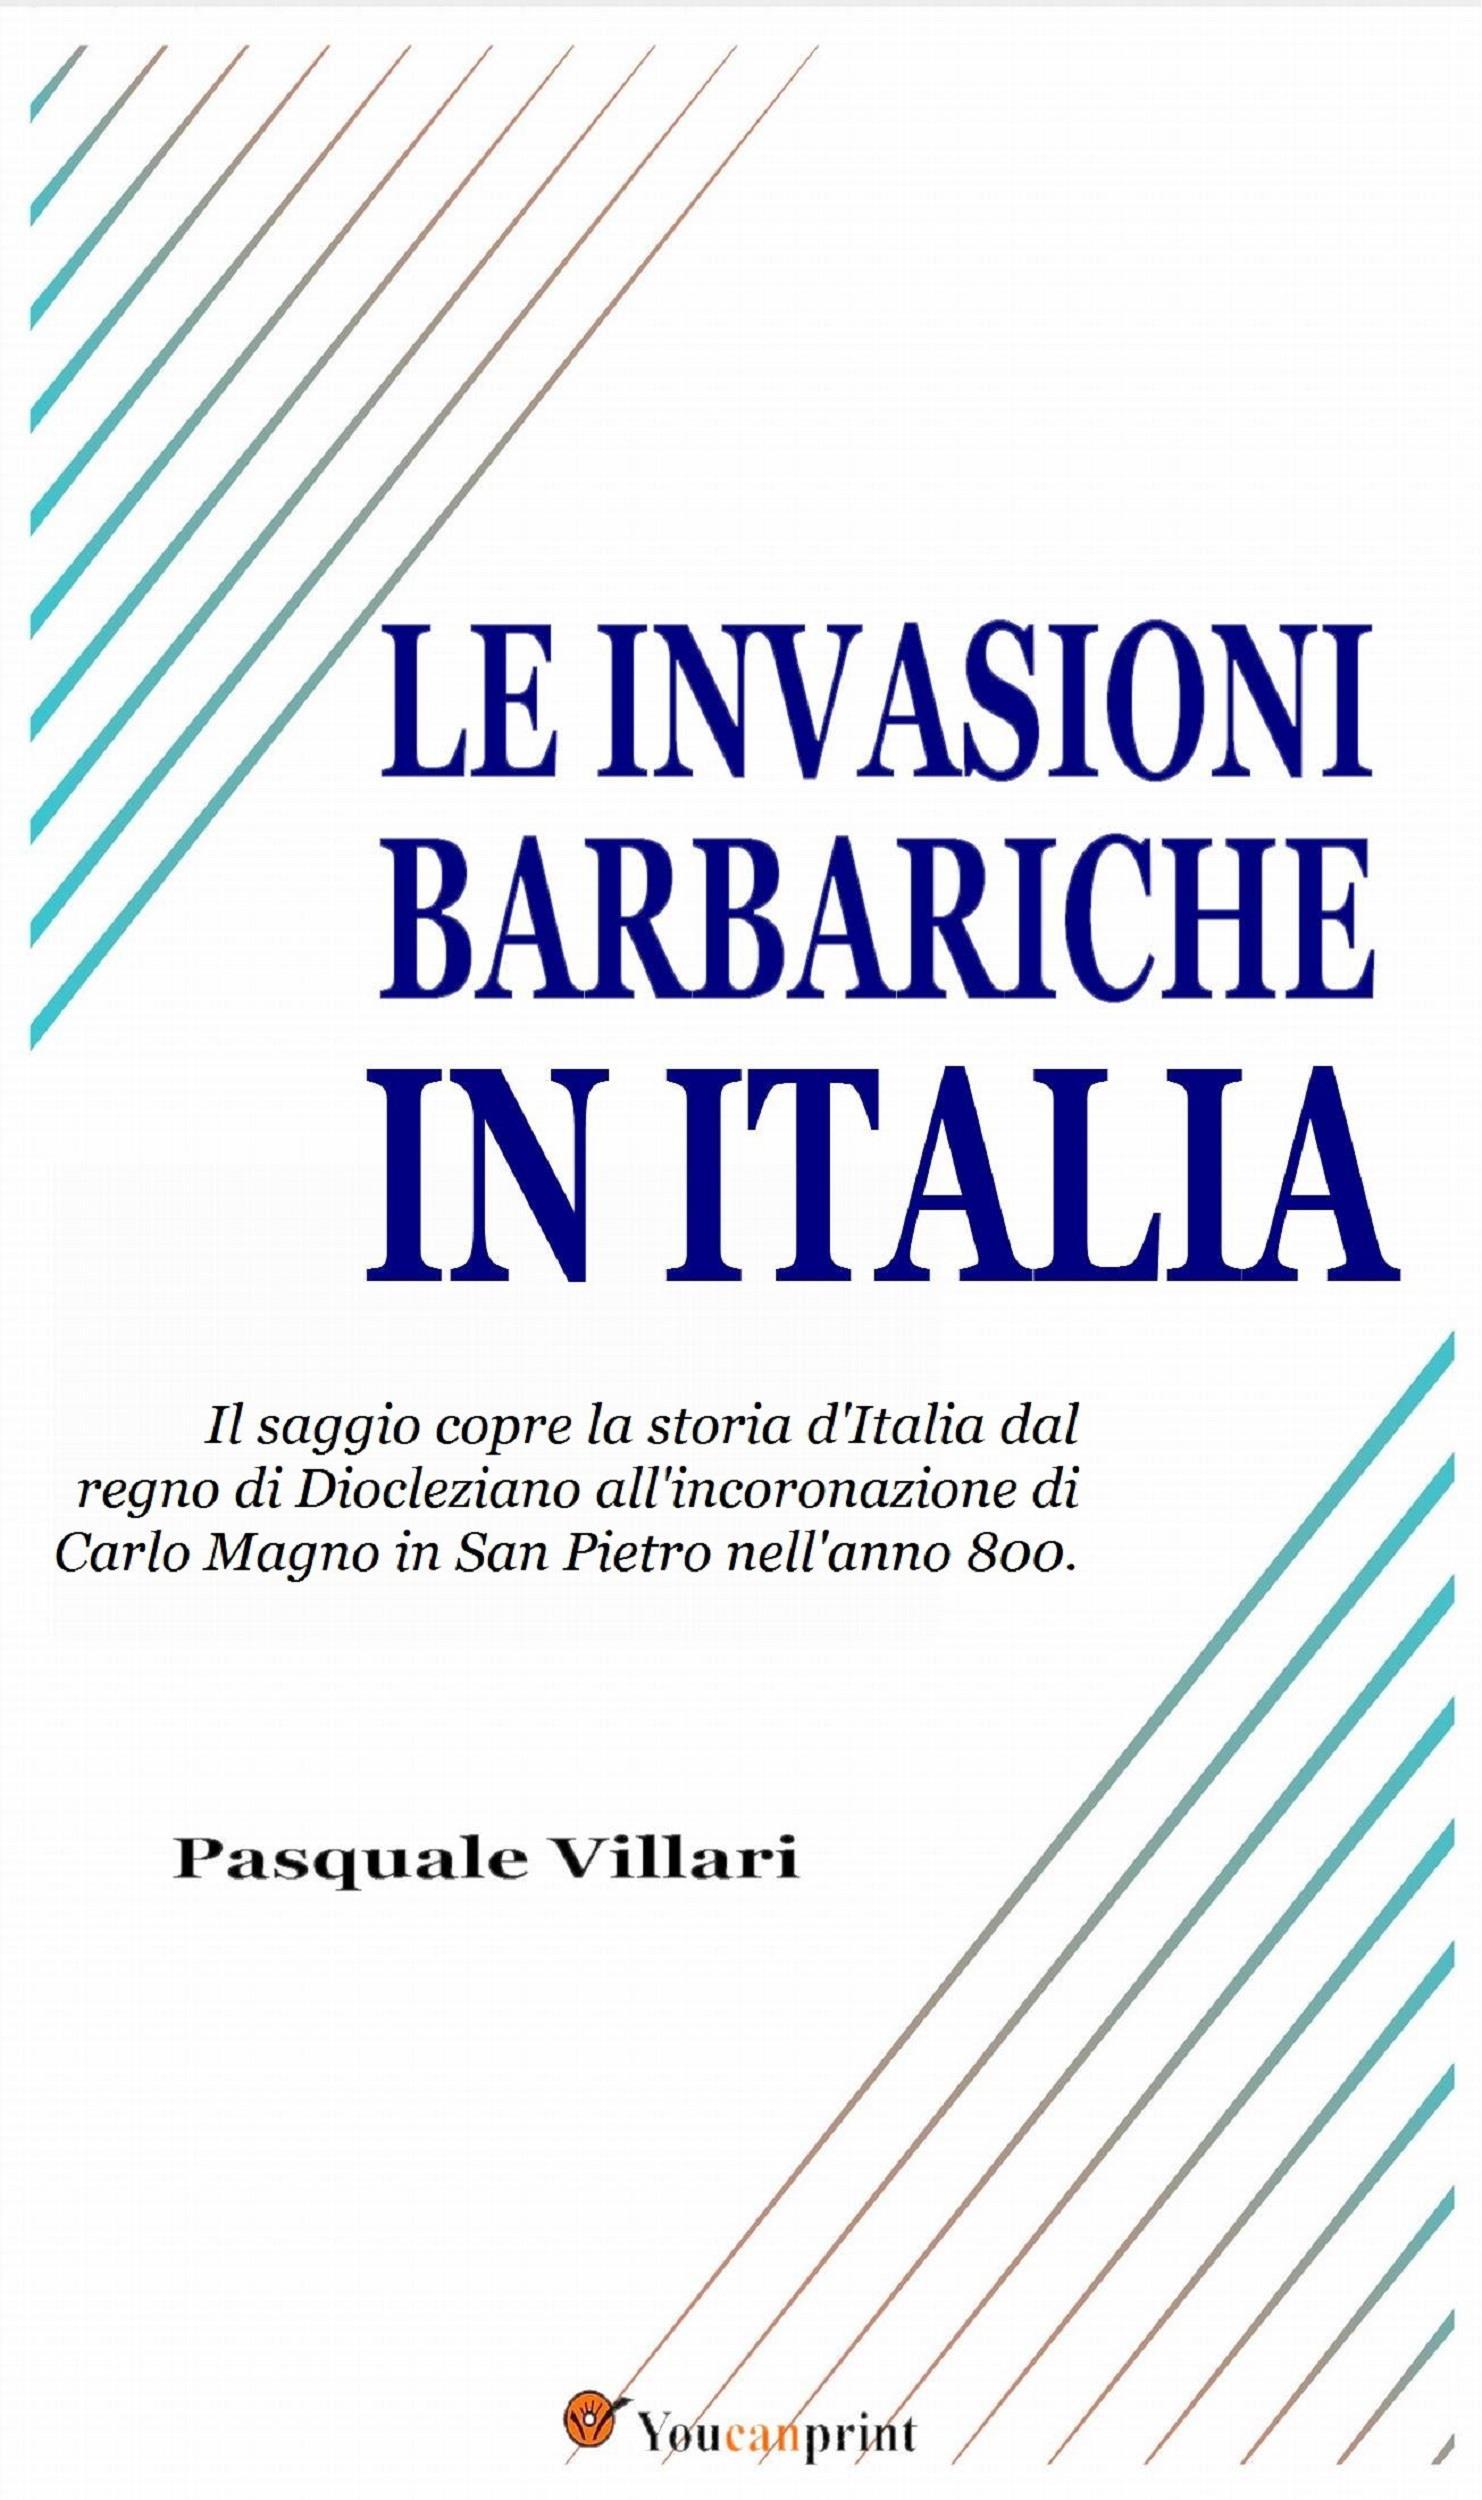 Le invasioni barbariche in Italia (Testo corredato di carte geografiche)